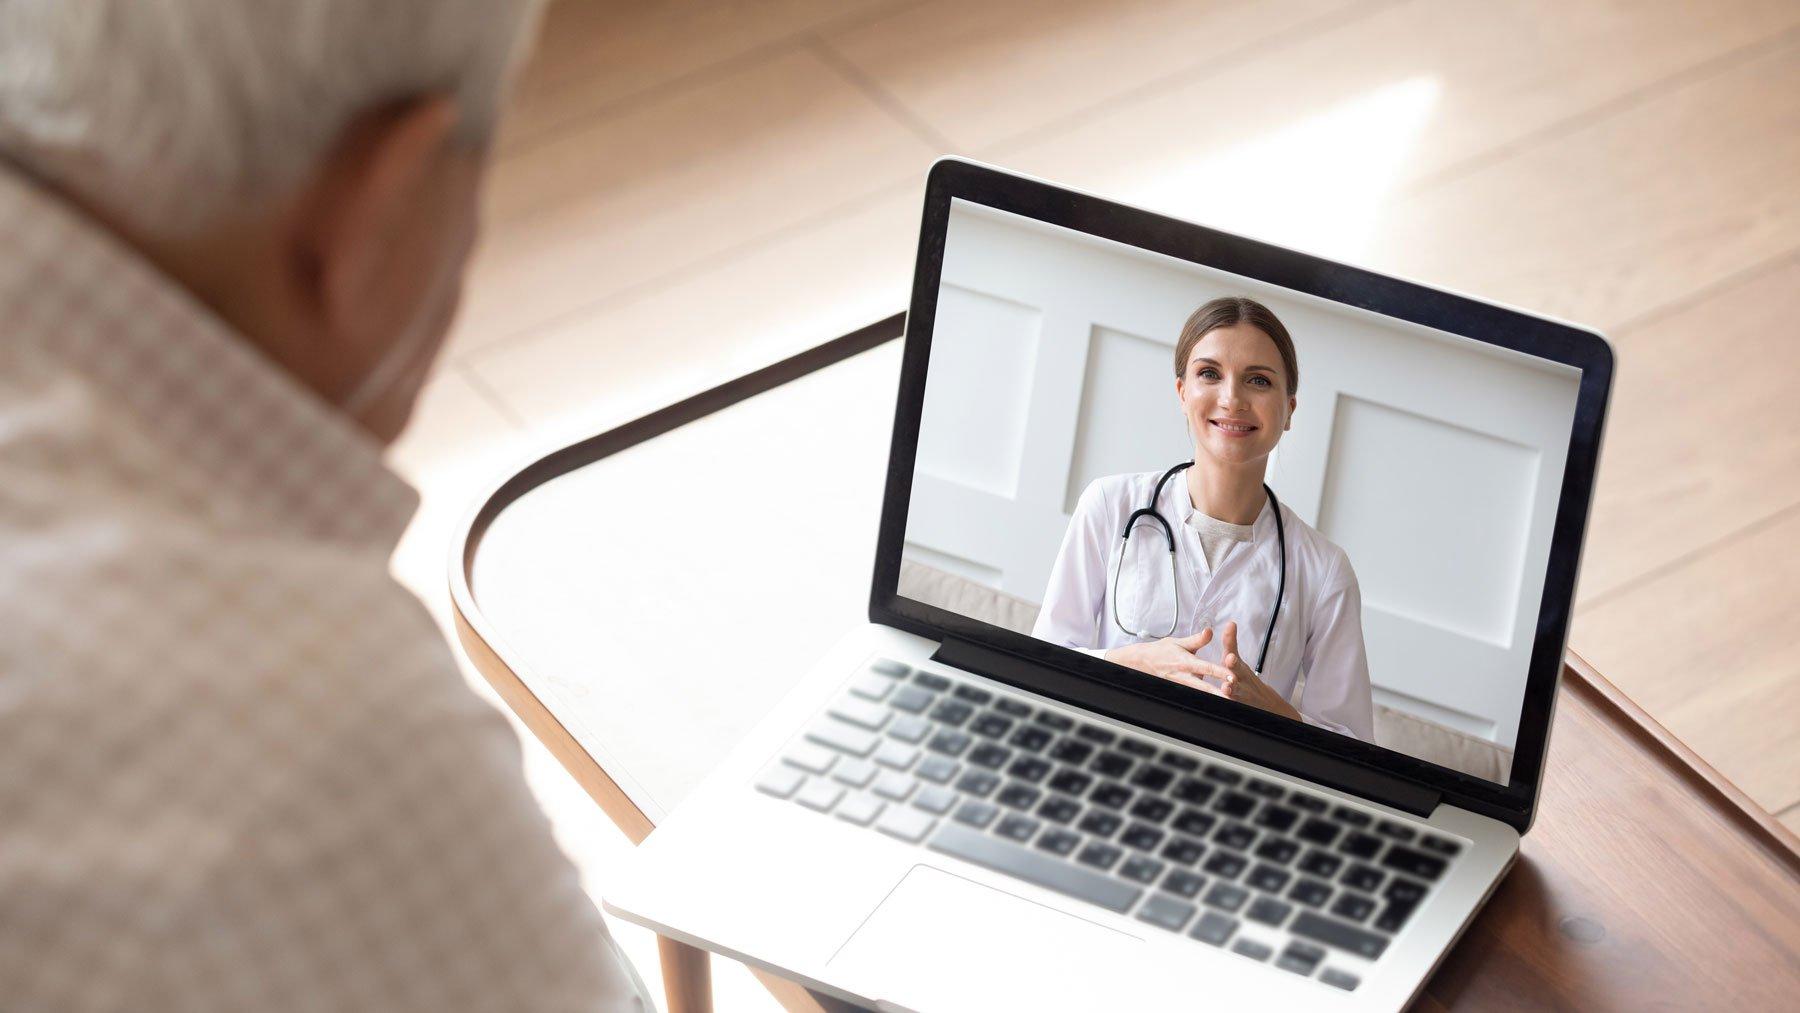 Man Talking to Podiatrist Virtually About Plantar Fasciitis Surgery Alternatives